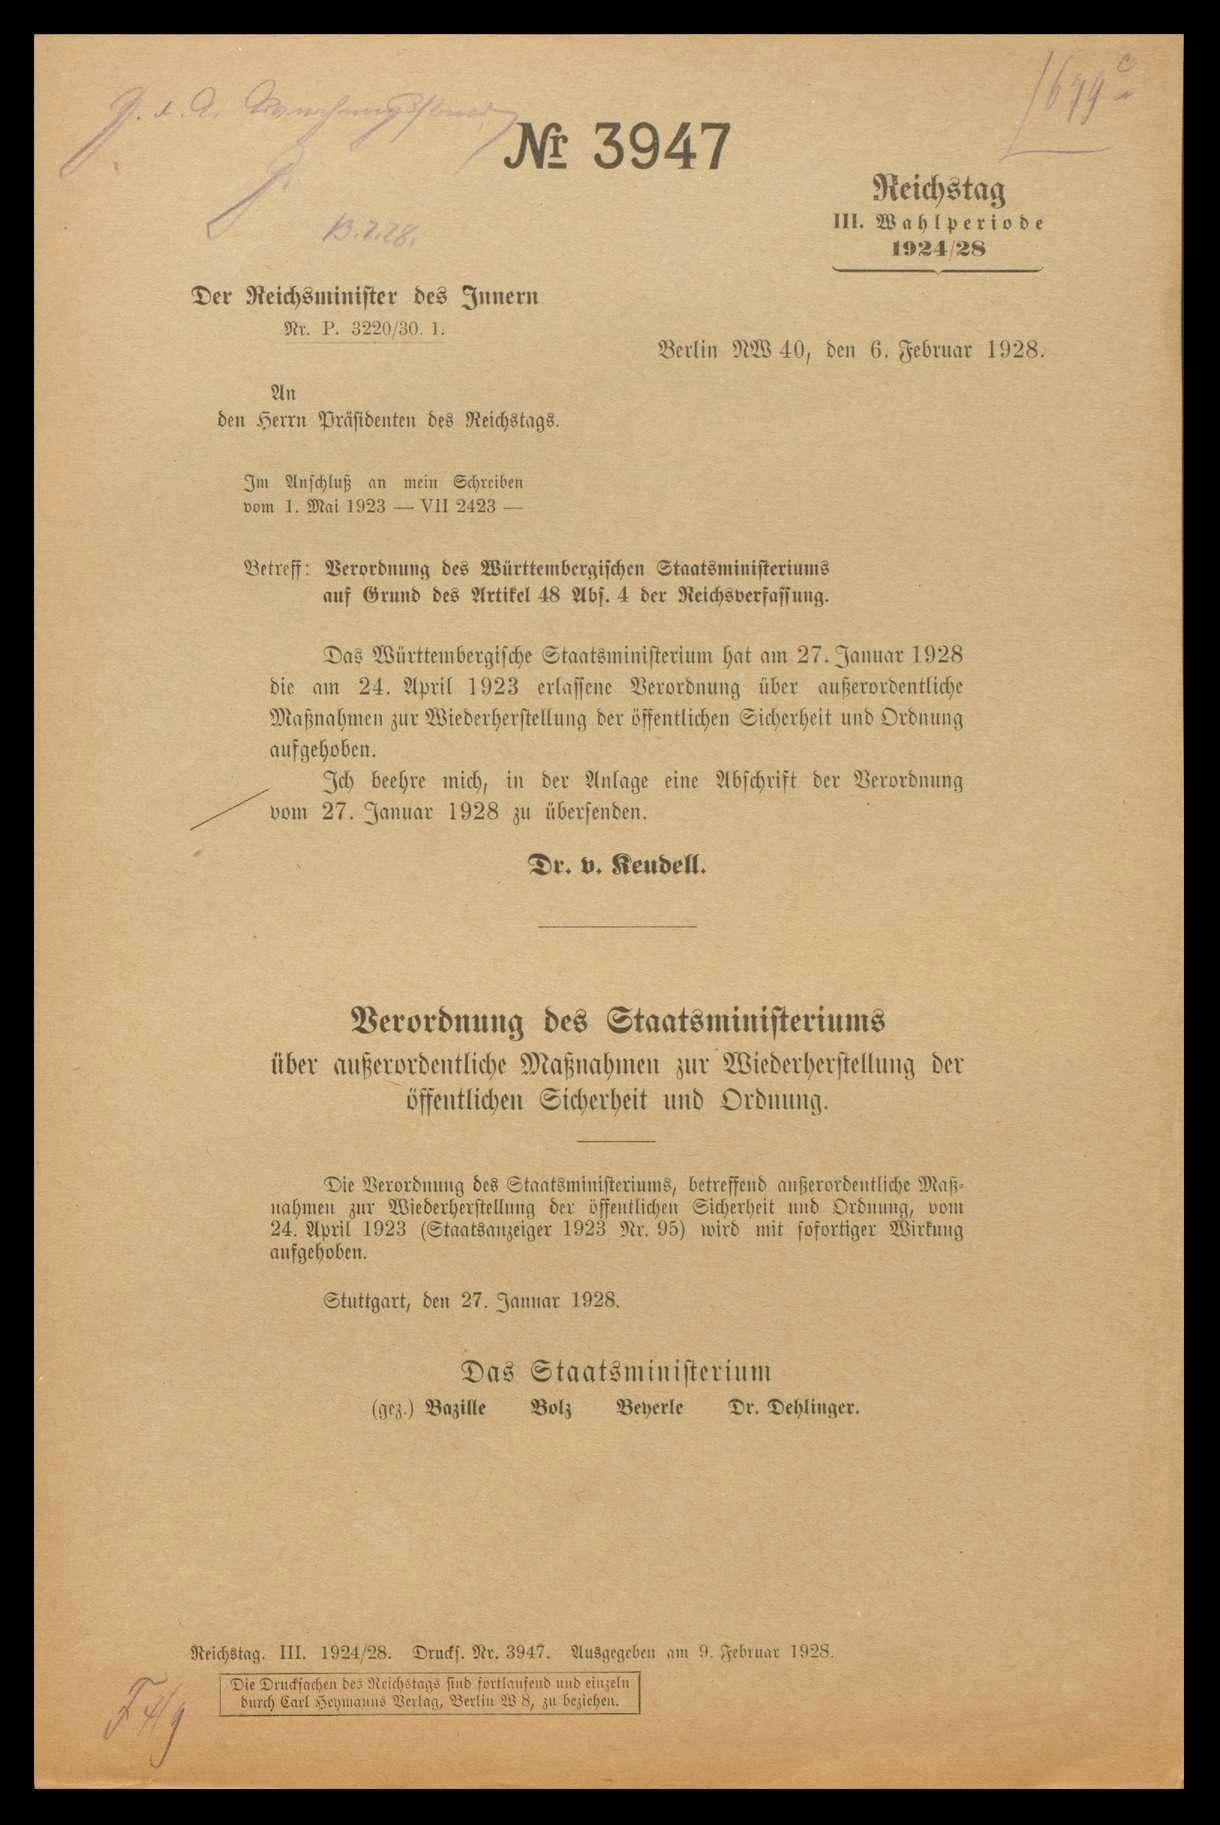 Verordnungen des Württembergischen Staatsministeriums vom 24.4. 1923 betr. außerordentliche Maßnahmen zur Wiederherstellung der öffentlichen Sicherheit und Ordnung sowie vom 14.8.1923 betr. Verbot von Versammlungen, Ansammlungen und Demonstrationen, Durchführung dieser Verordnungen, Kommentare dazu und Aufhebung, Bild 2